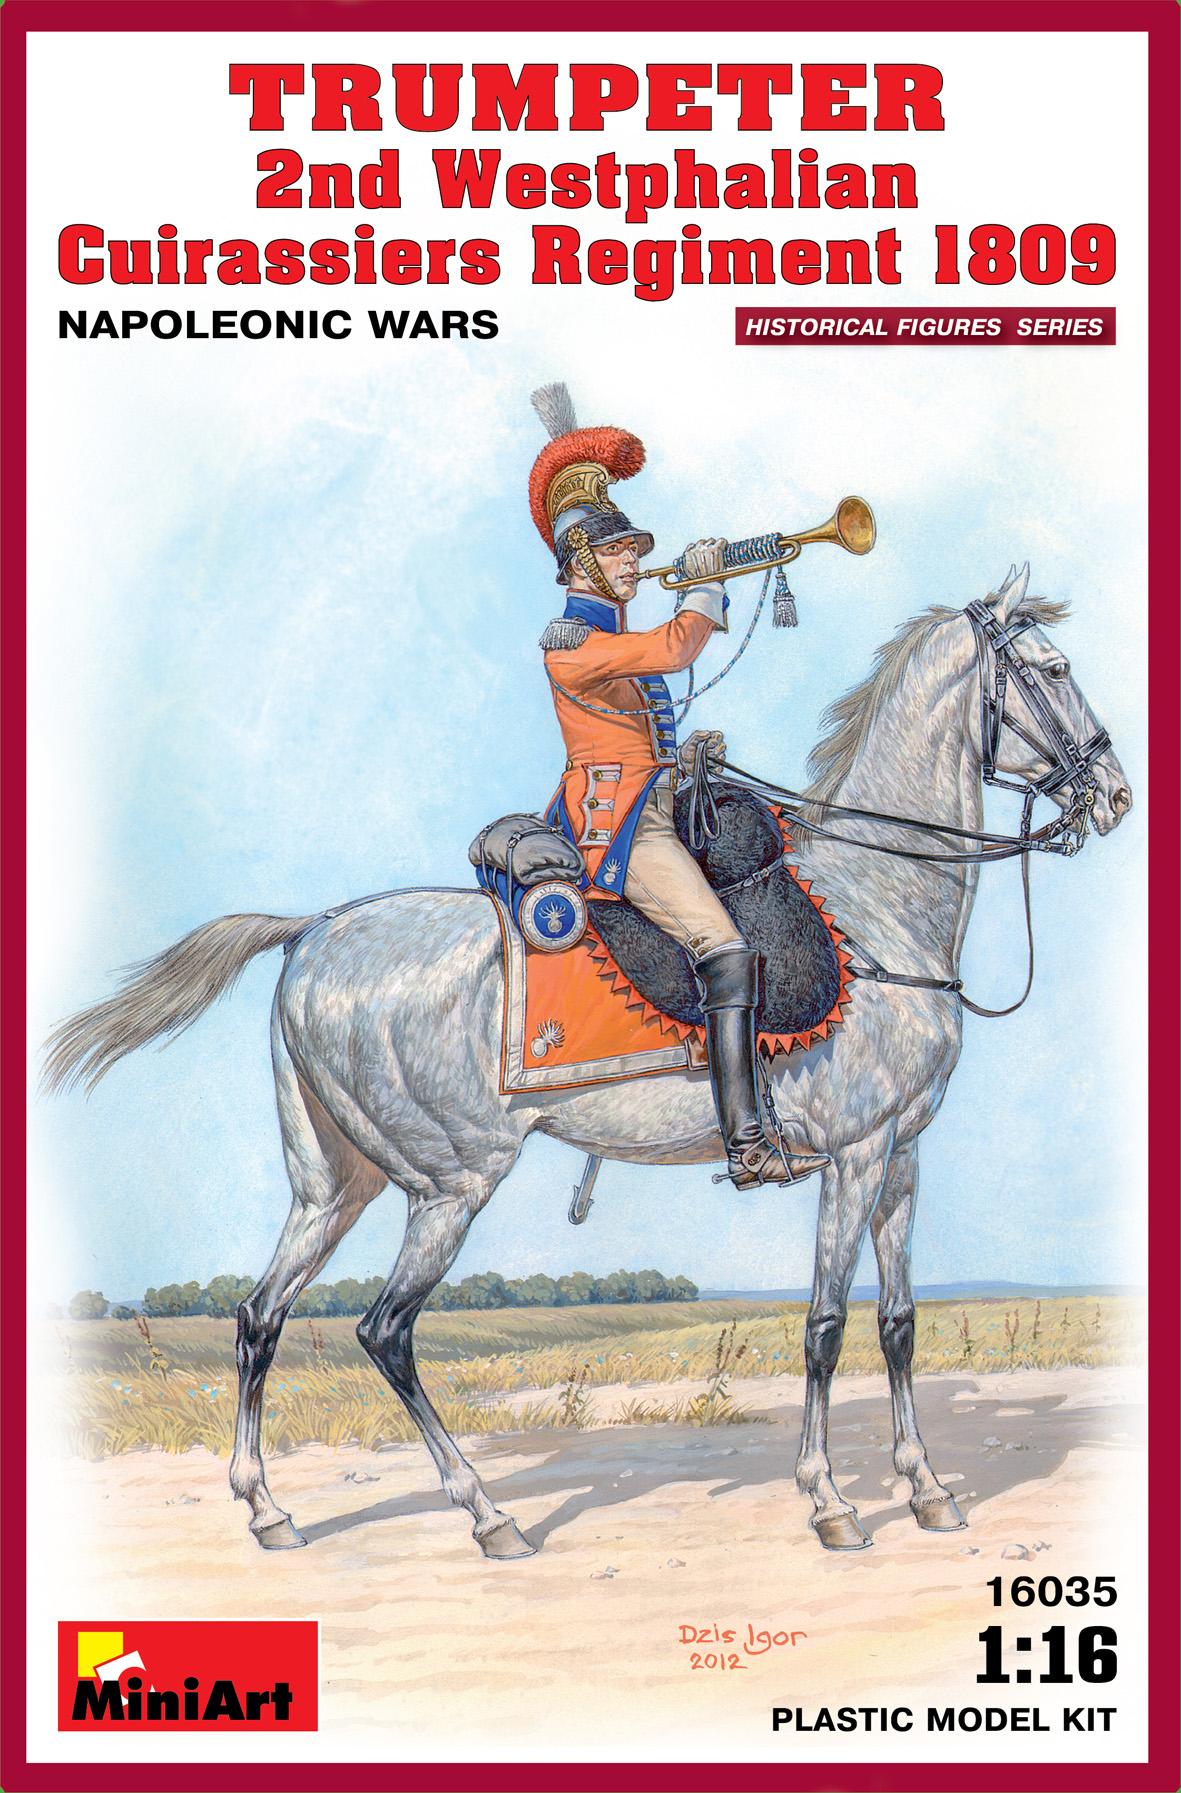 16035 TRUMPETER 2nd Westphalian Cuirassiers Regiment 1809 Napoleonic wars